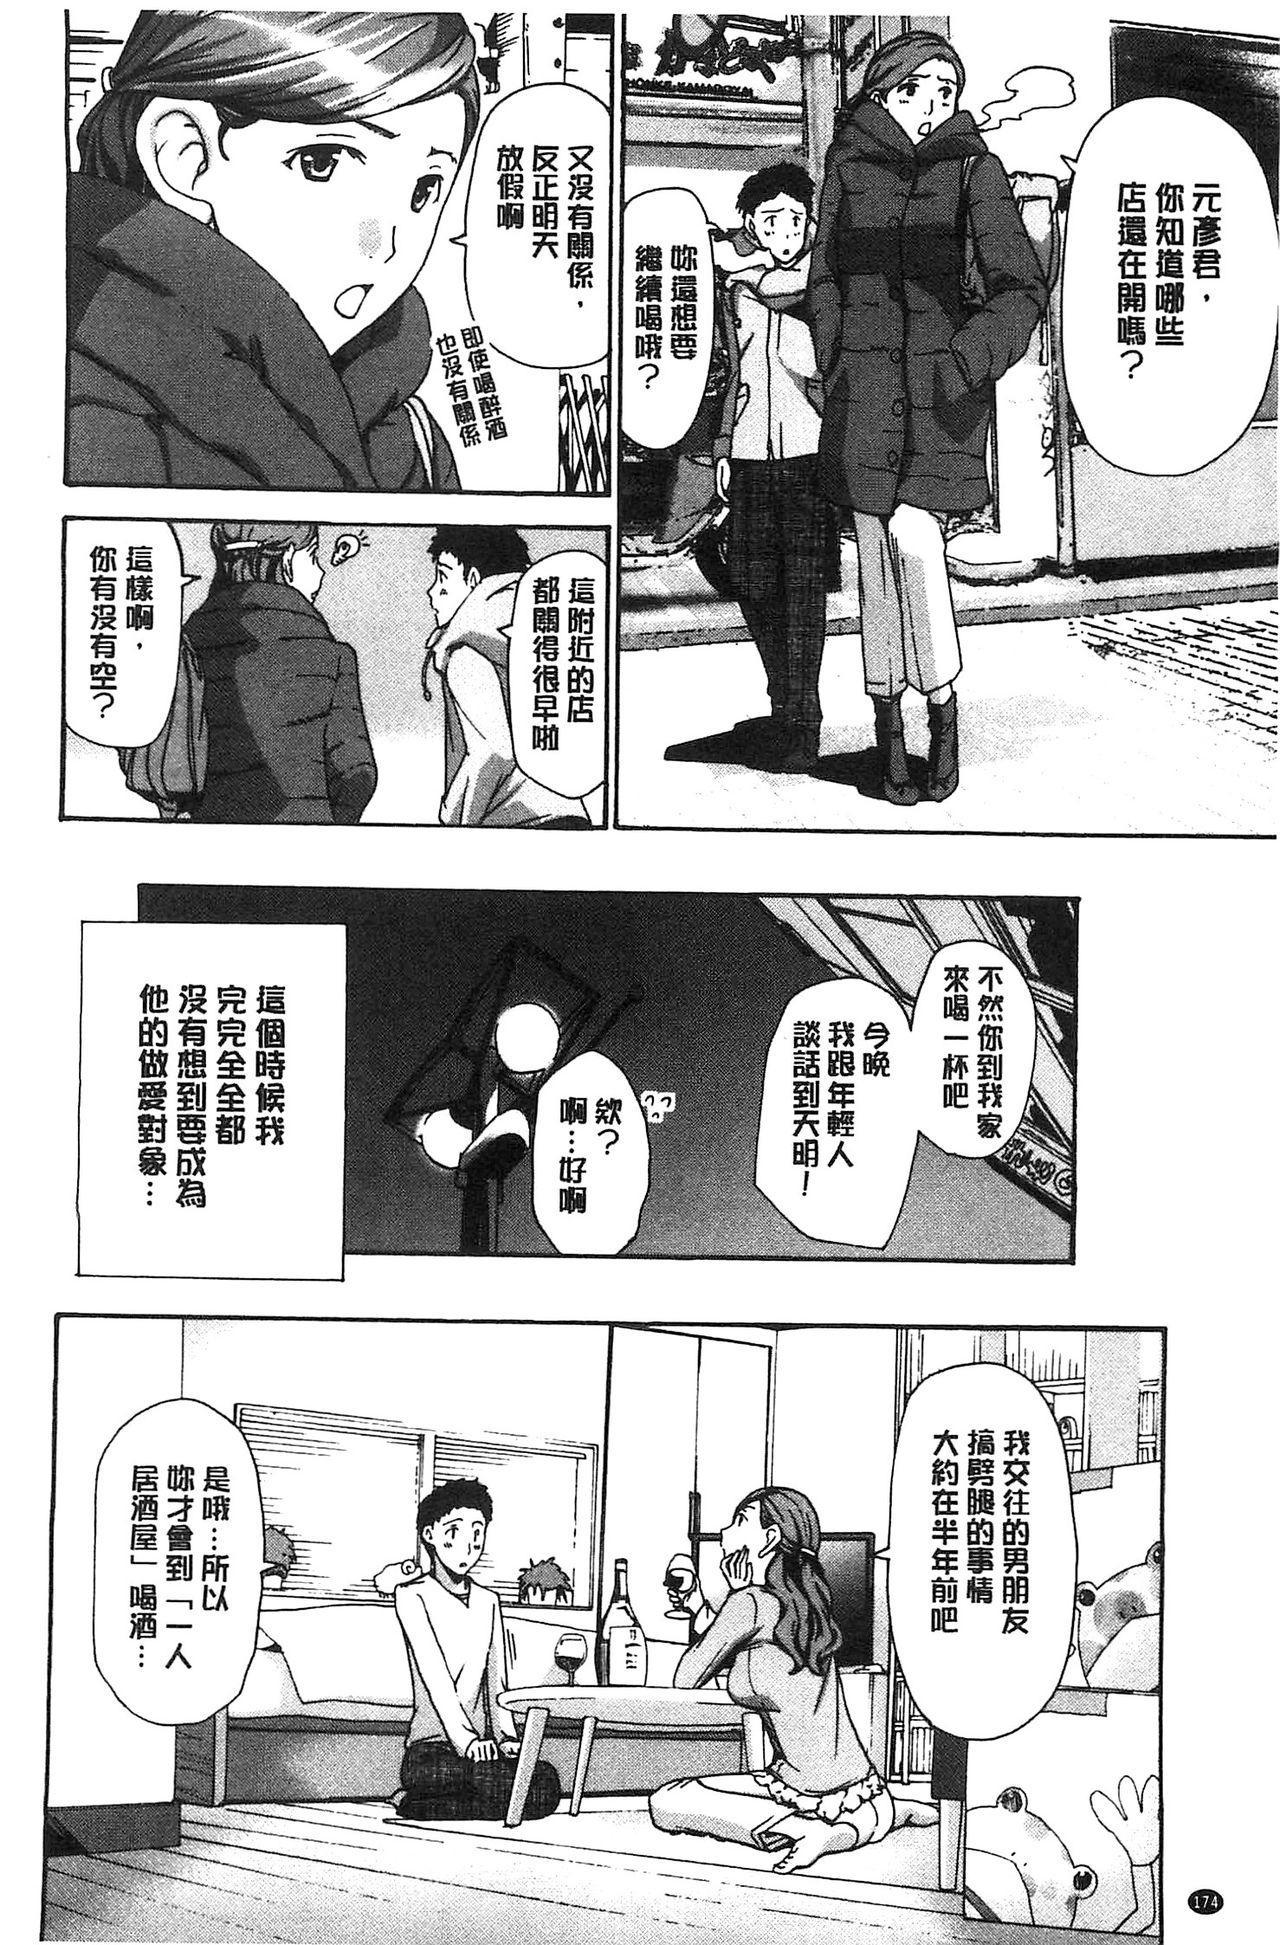 Watashito Iikoto Shiyo? 180